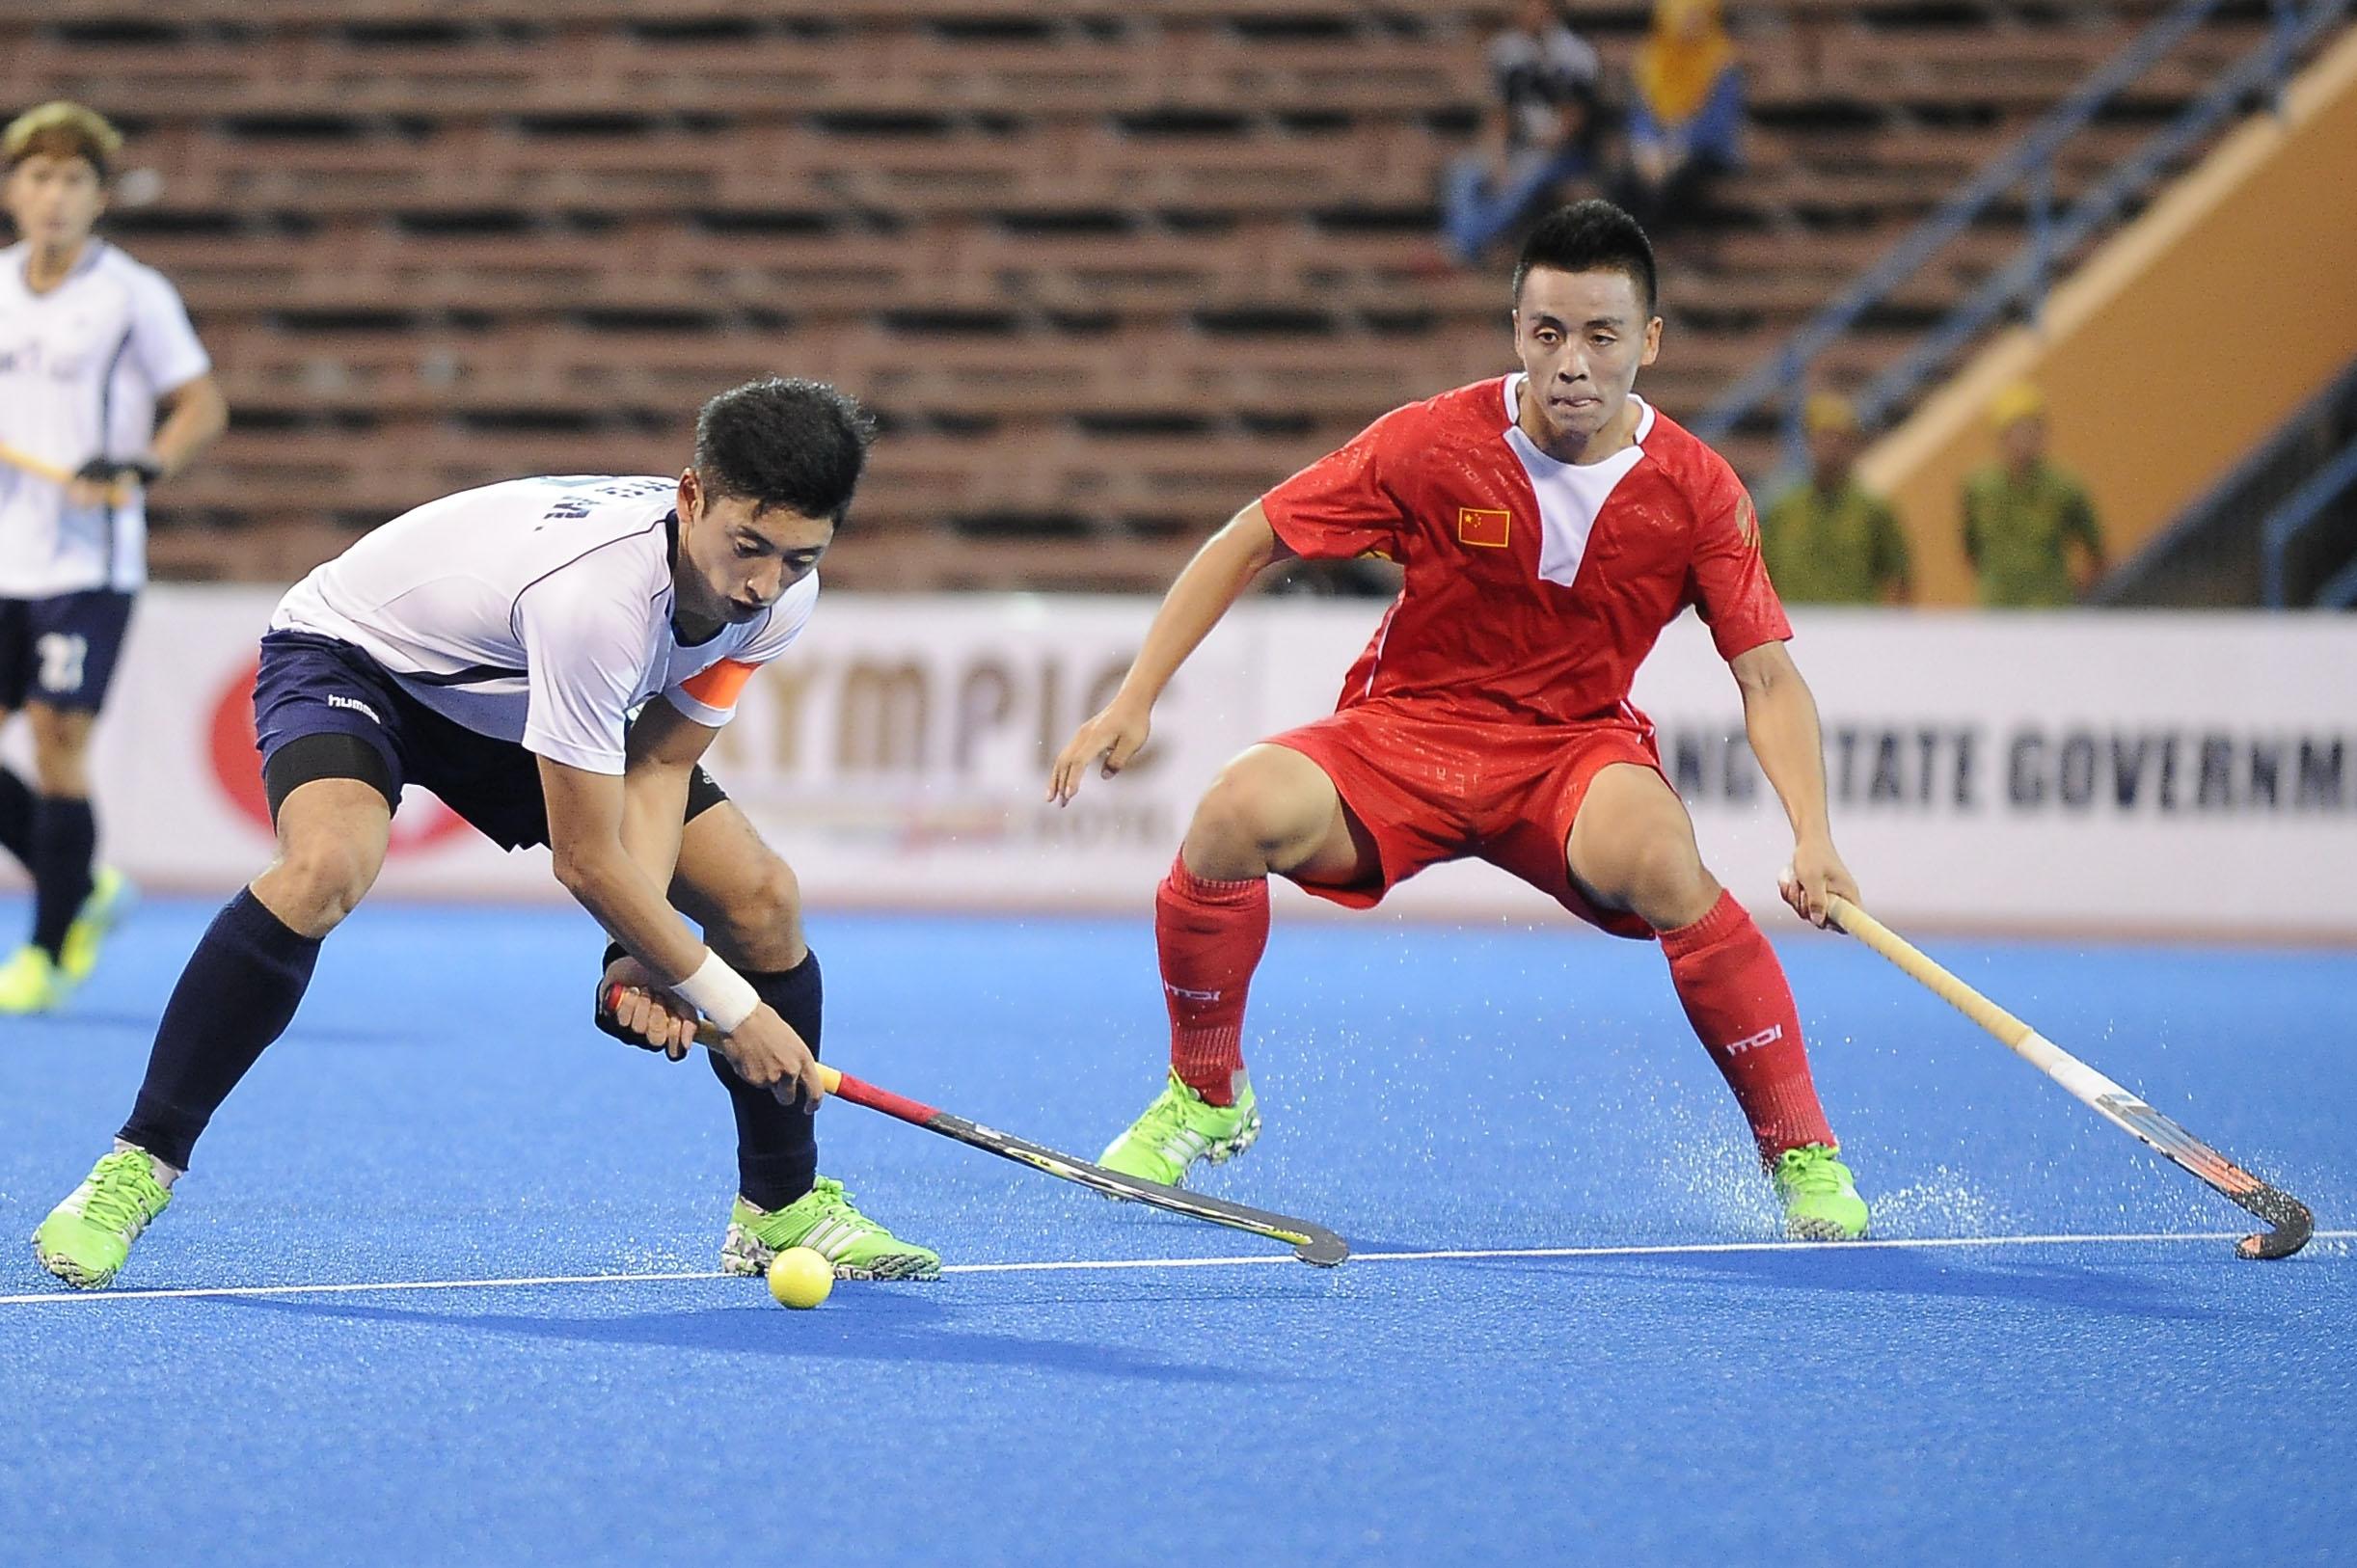 Ketua pasukan Korea, Jung Manjae (kiri) mengawal bola sambil cuba diasak oleh pemain China pada perlawanan QNET Trofi Juara-Juara Asia yang berlangsung di Stadium Hoki Wisma Belia, Kuantan sebentar tadi. Perlawanan berkesudahan Korea menang 5-3.